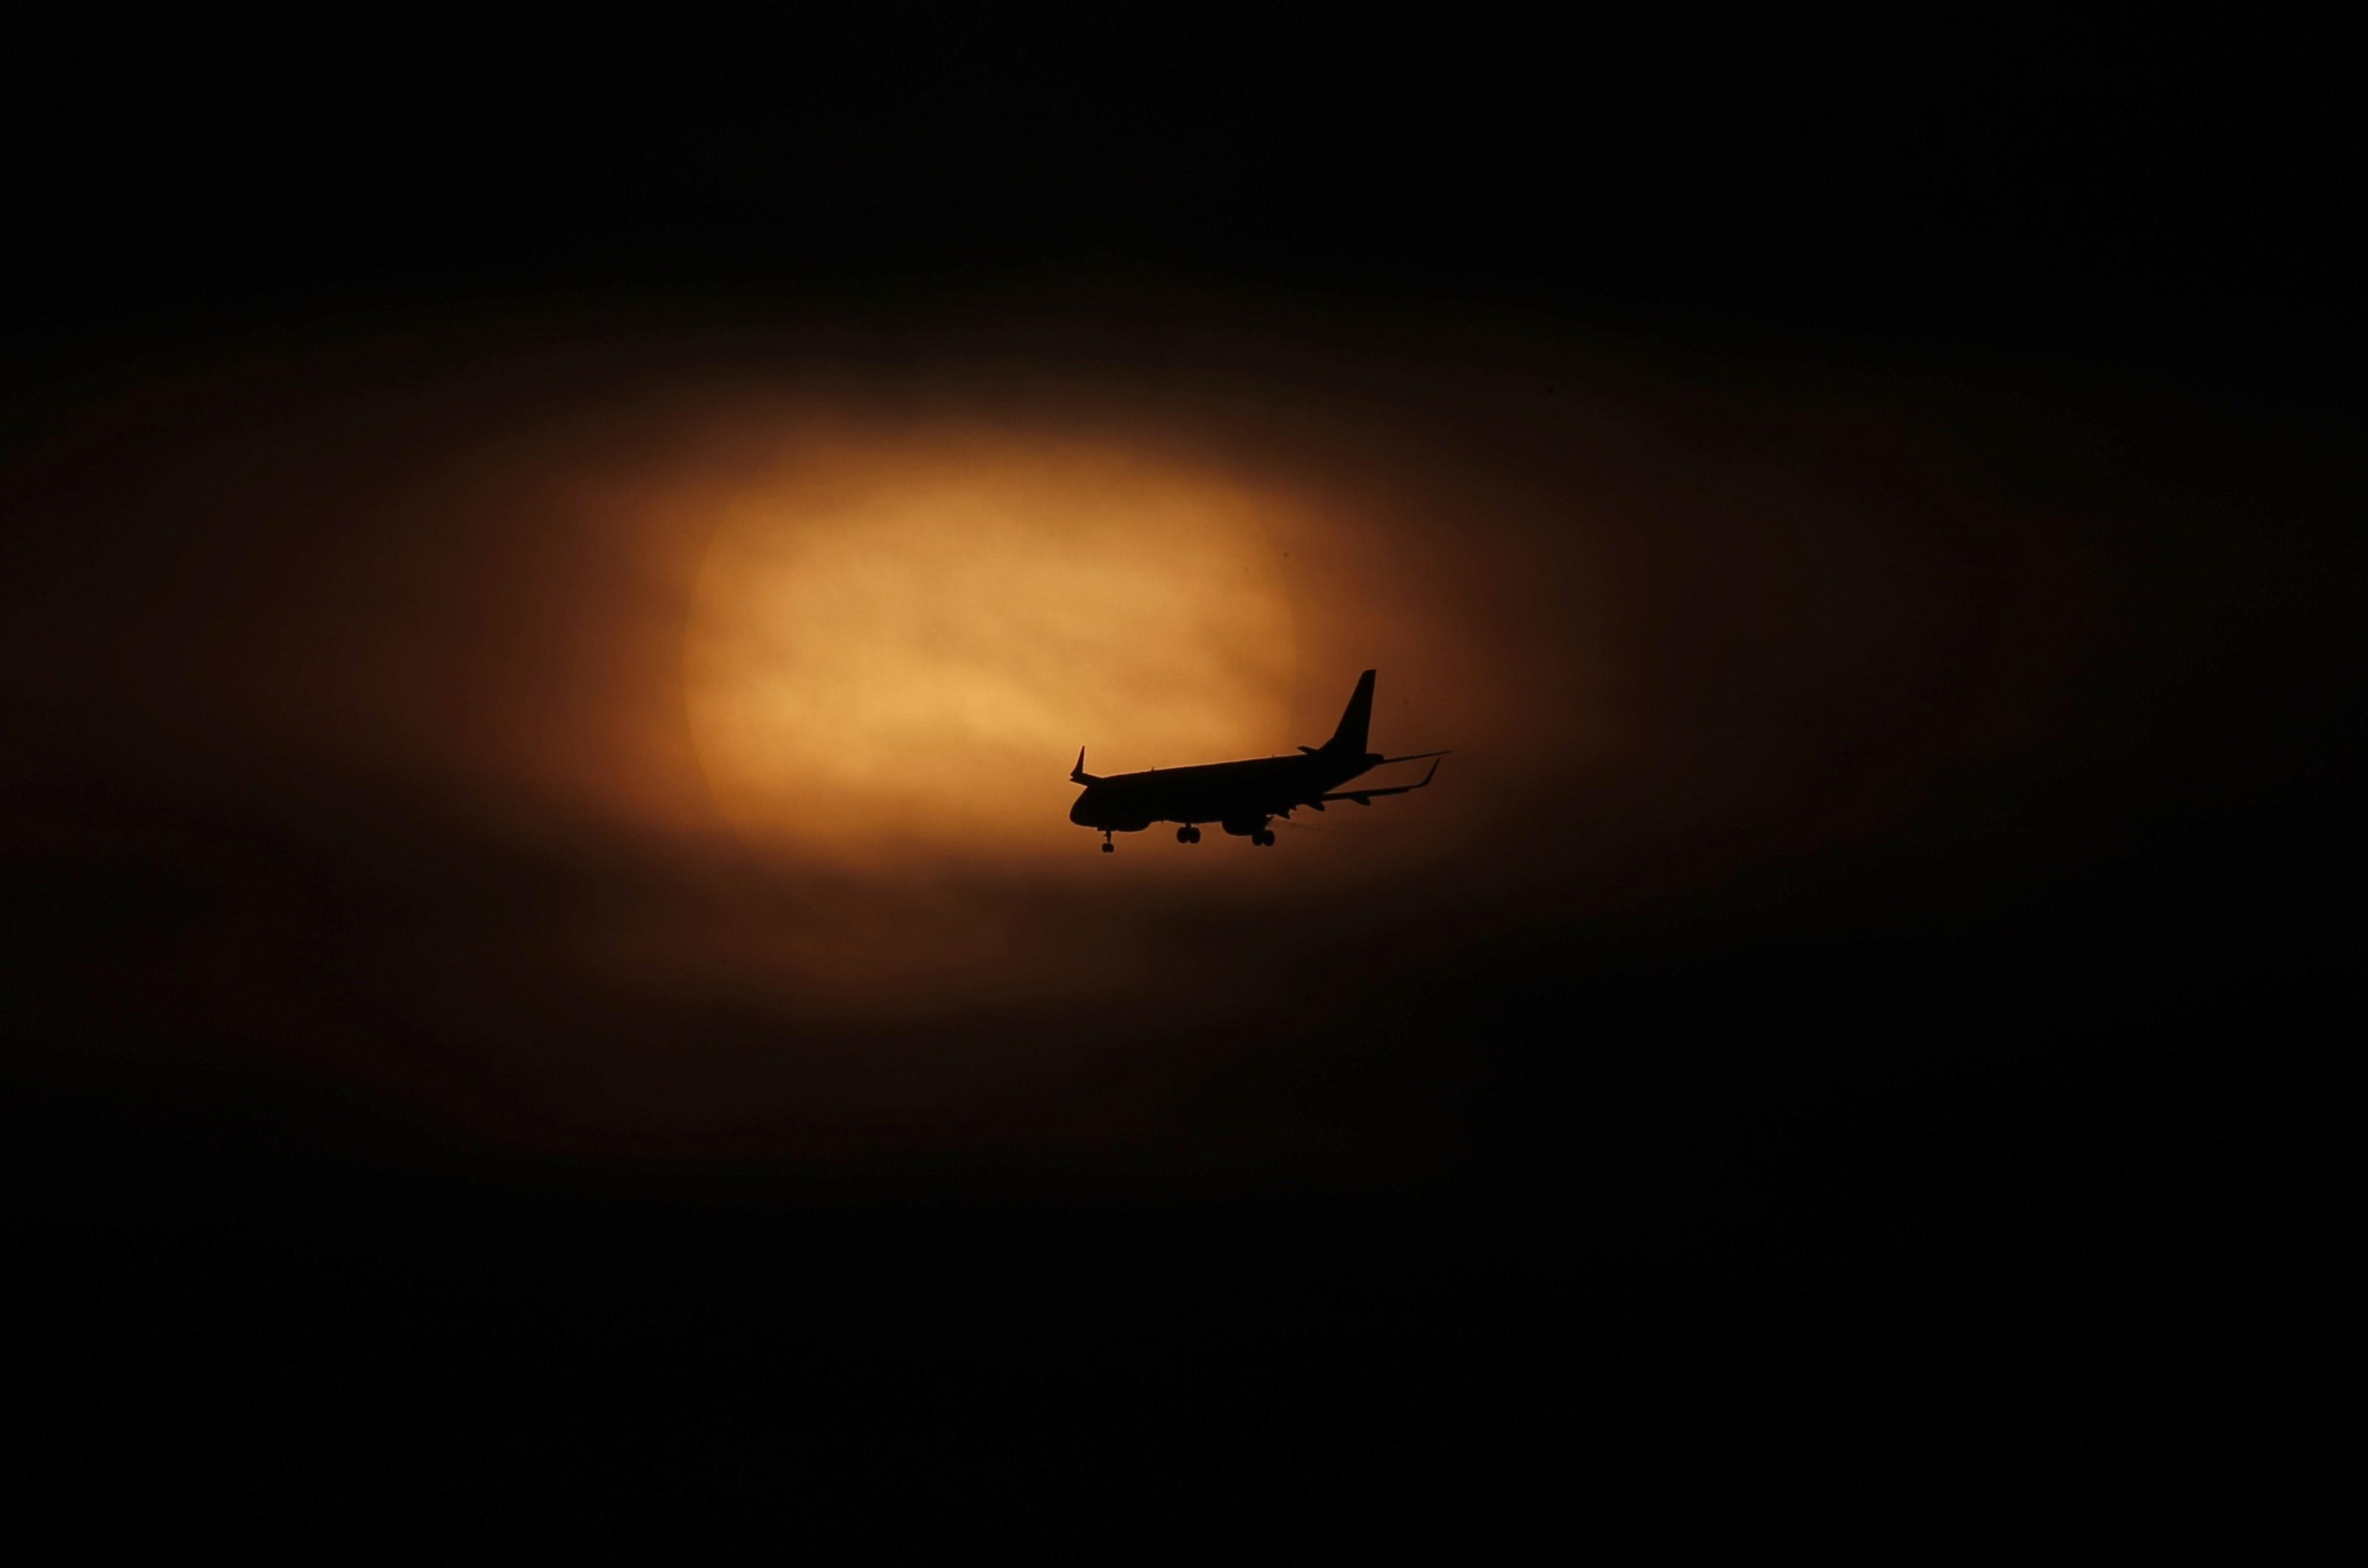 Un avión se prepara para aterrizar cuando sale el sol en la Ciudad de México, el sábado 21 de marzo de 2020.